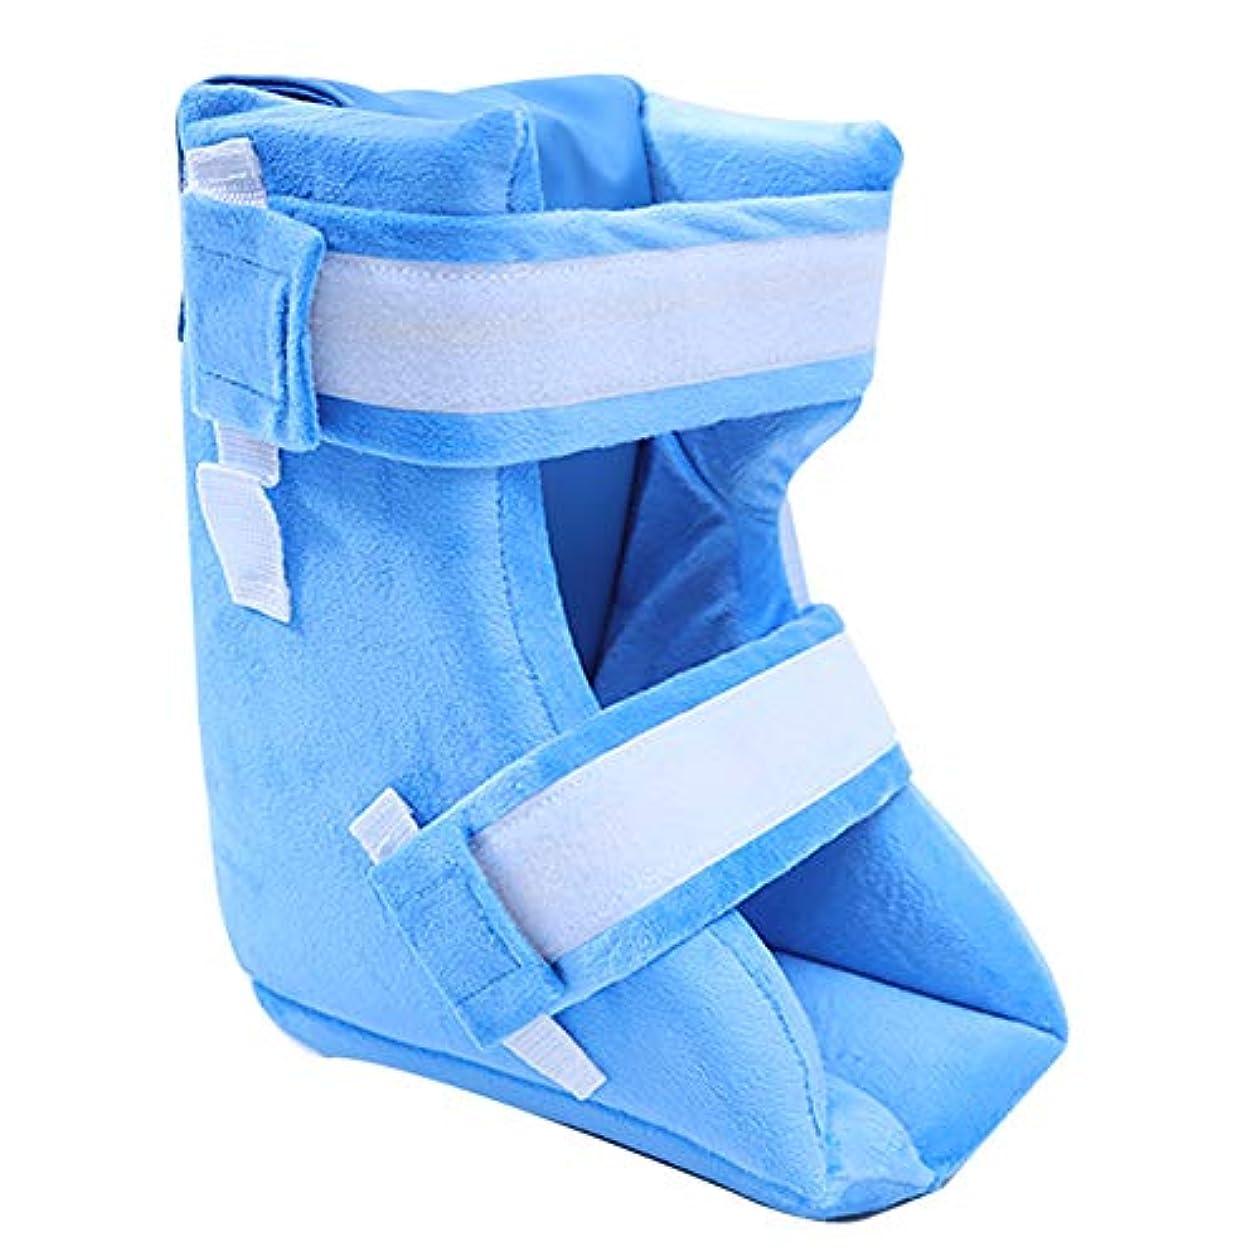 ヒールプロテクター、ベッドの痛みのためのプロテクタークッション、足のエレベーターサポート枕、身に着けているために調節可能で簡単、治癒を促進するために圧力、傷や潰瘍から保護